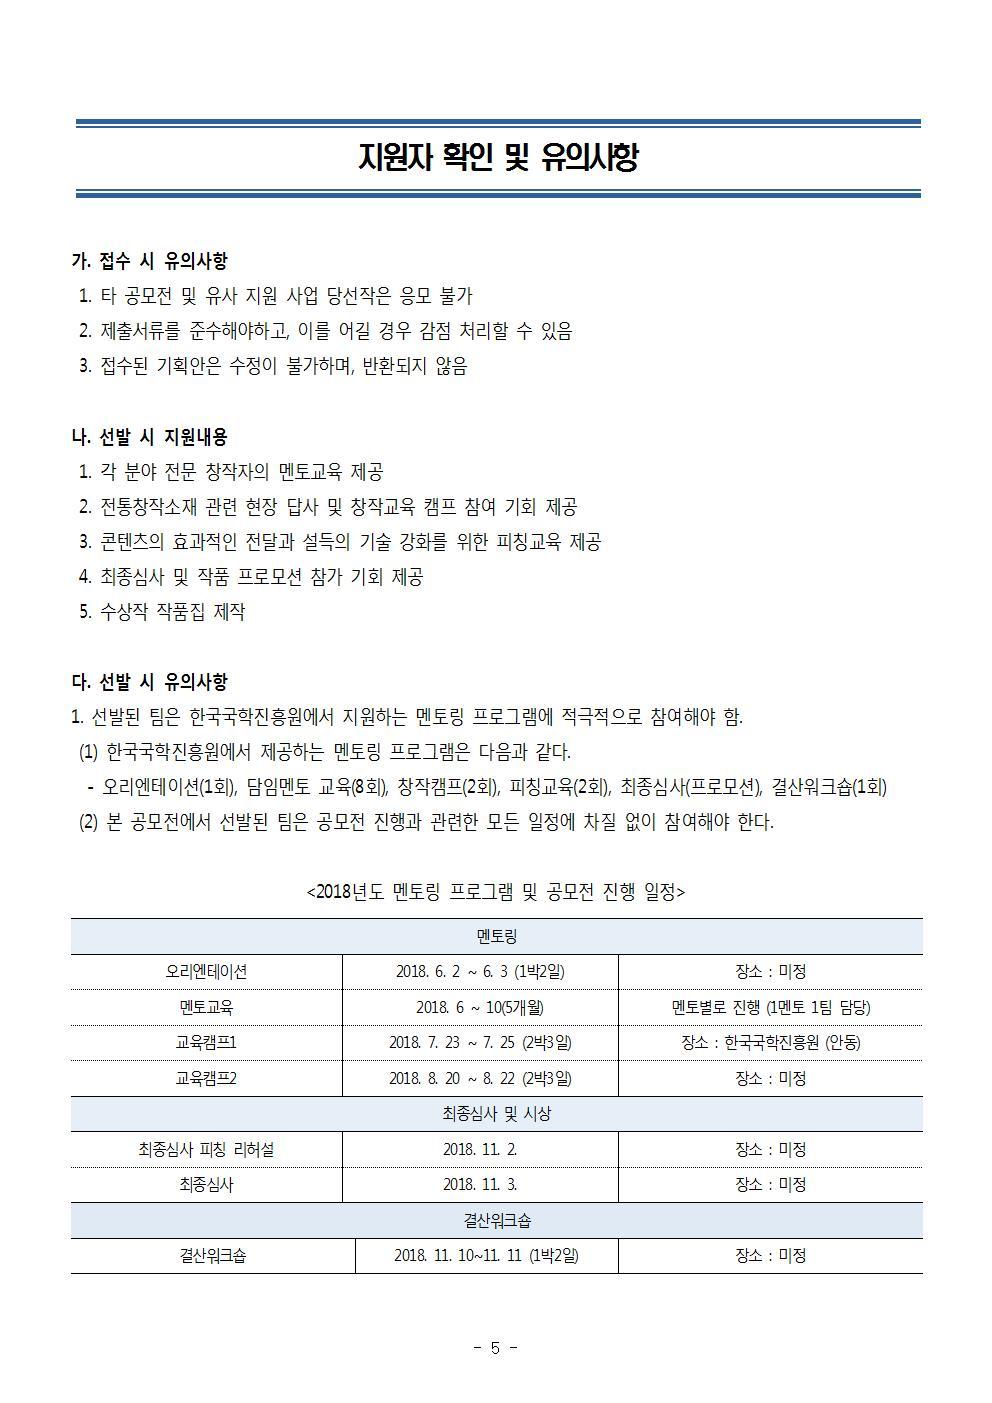 2018_스토리테마파크 공모전(공모요강)005